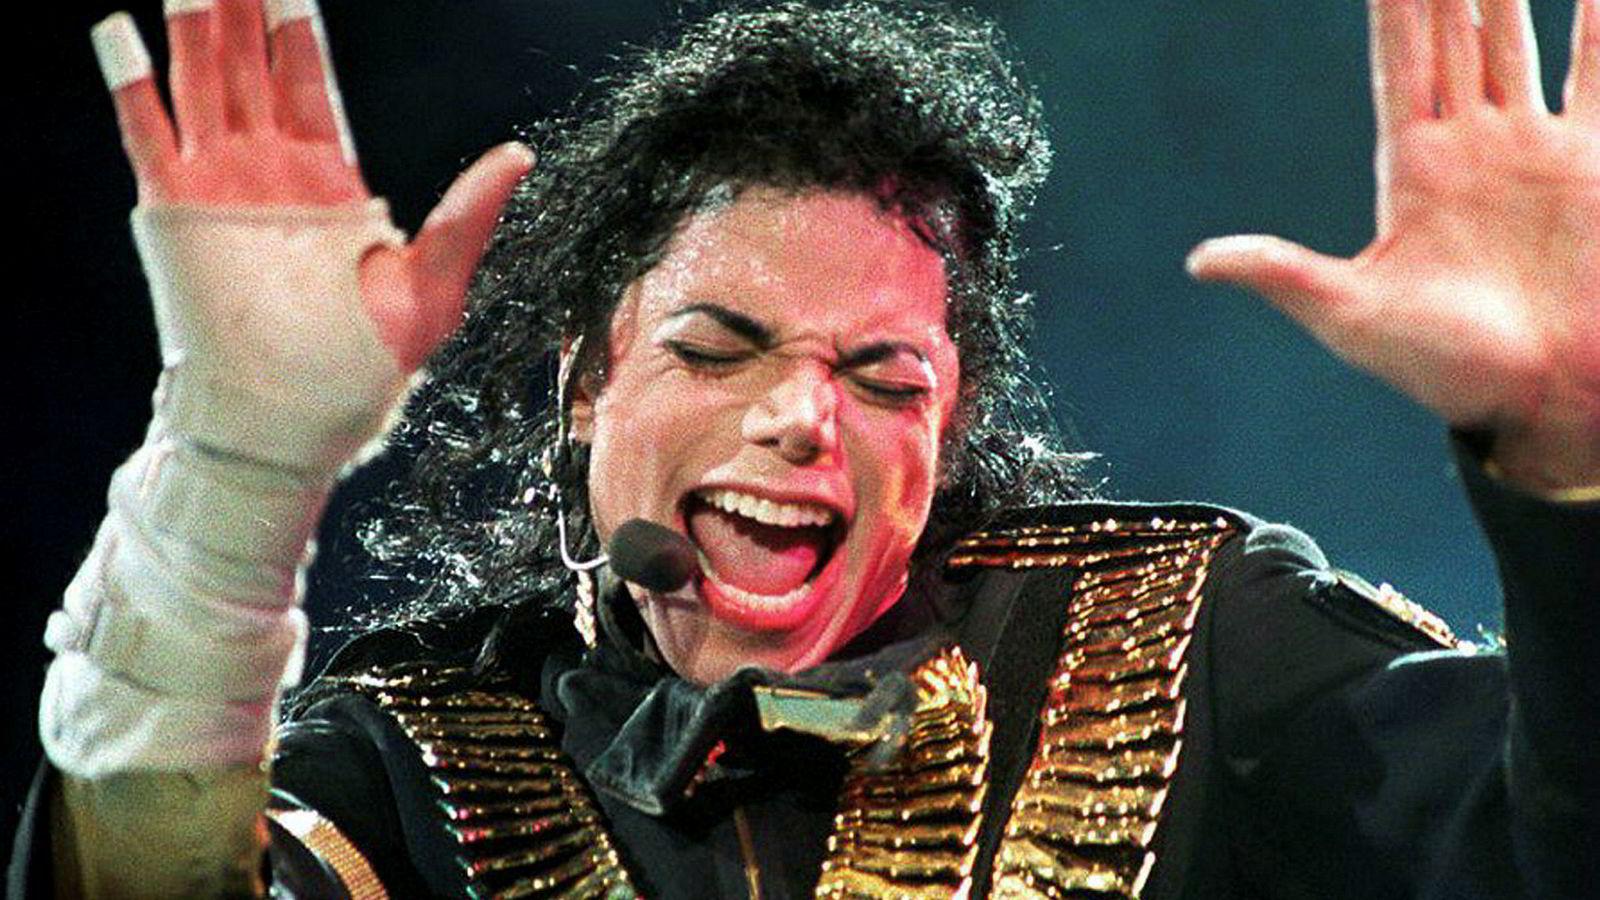 NRK snur – spiller Michael Jacksons musikk likevel | DN